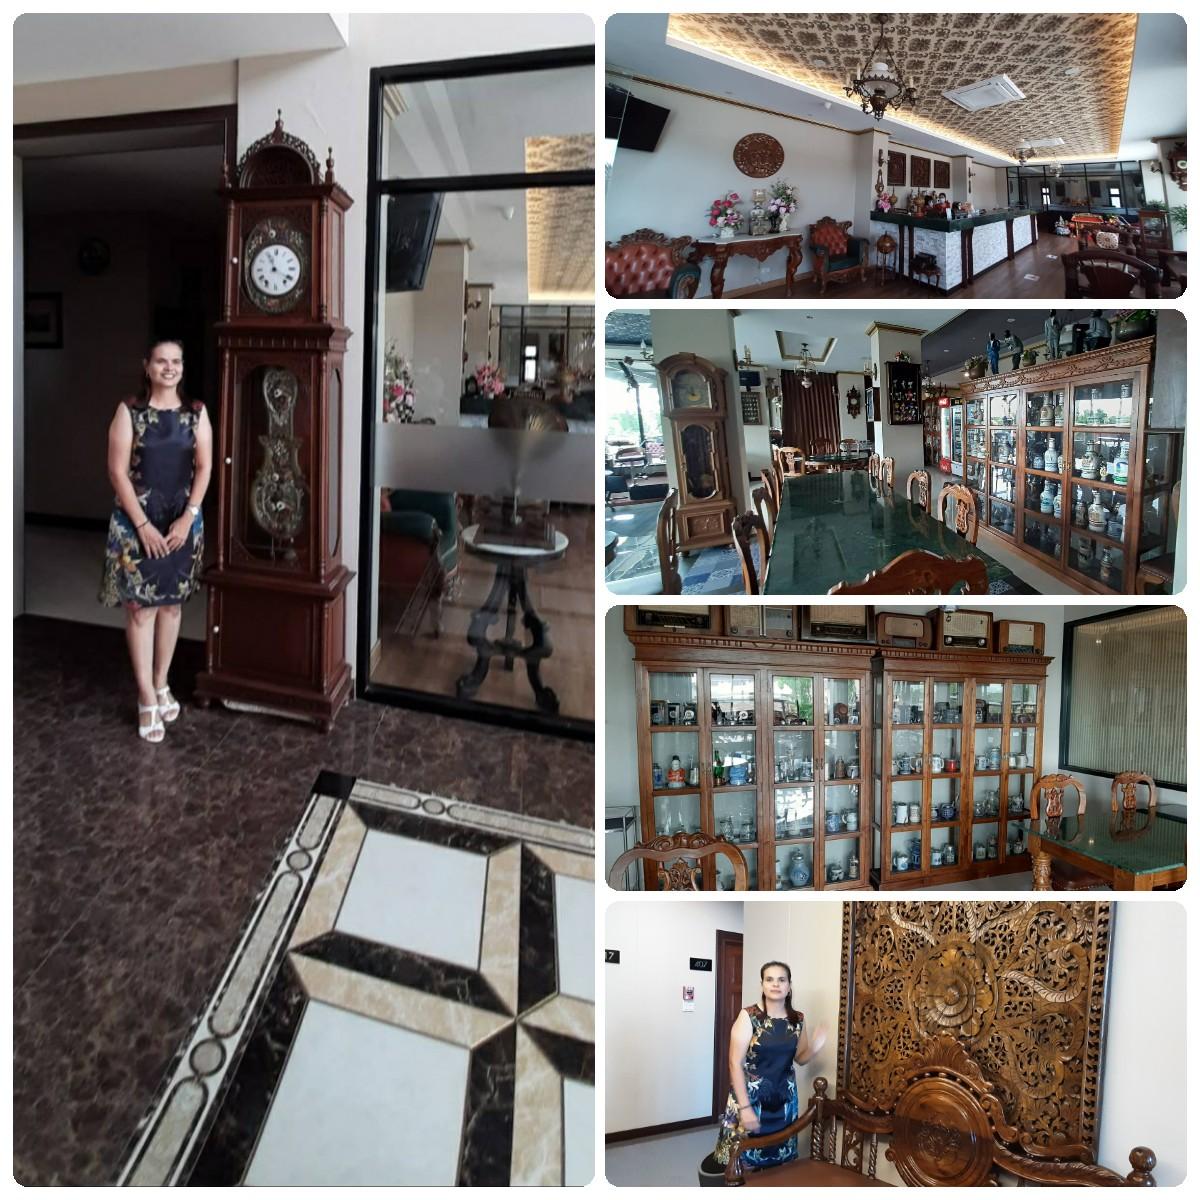 ที่พักโคราช โรงแรมชุนหลีแกรนด์